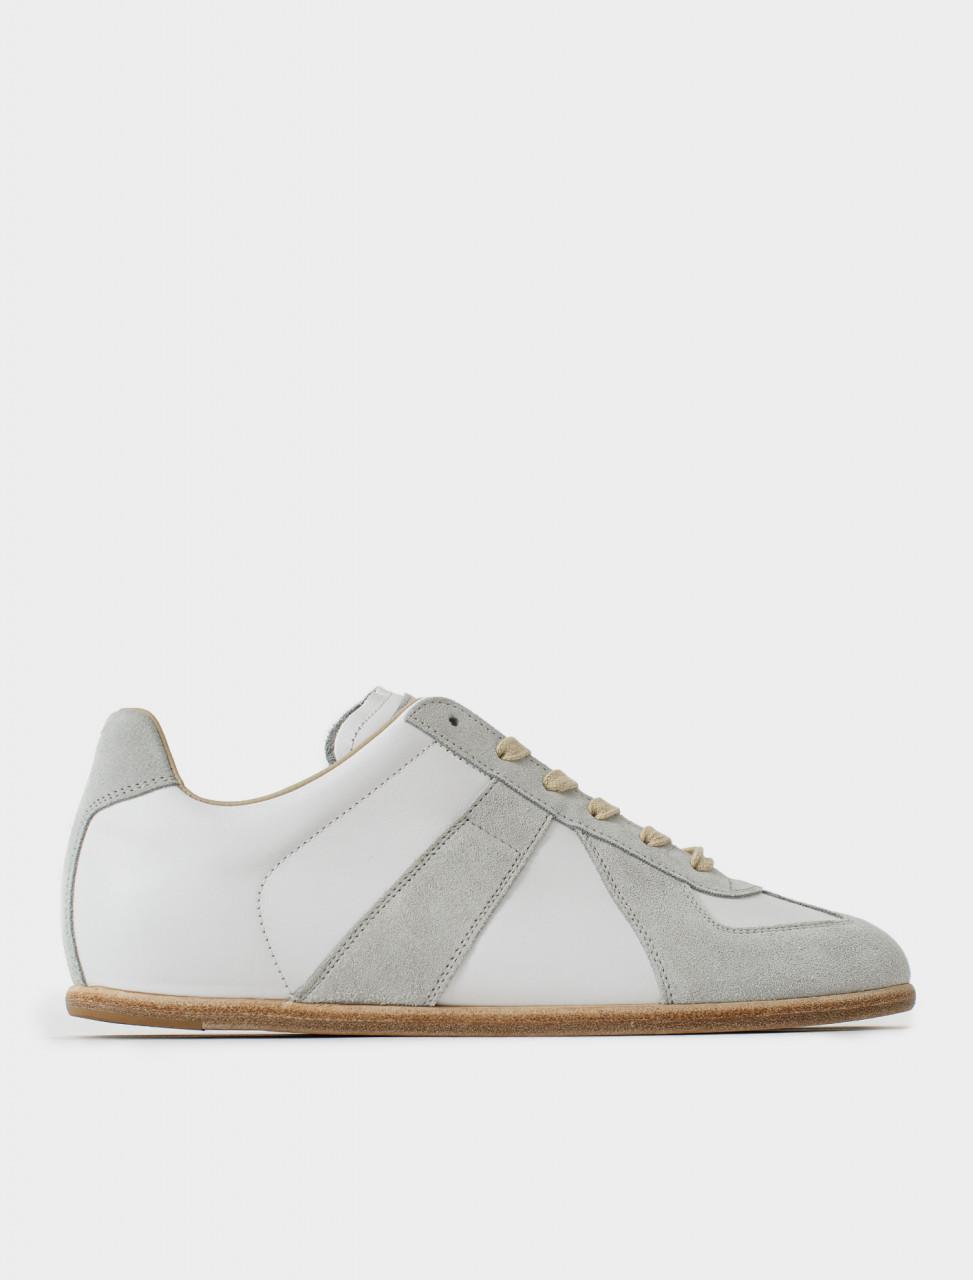 Replica Sneakers in Off White